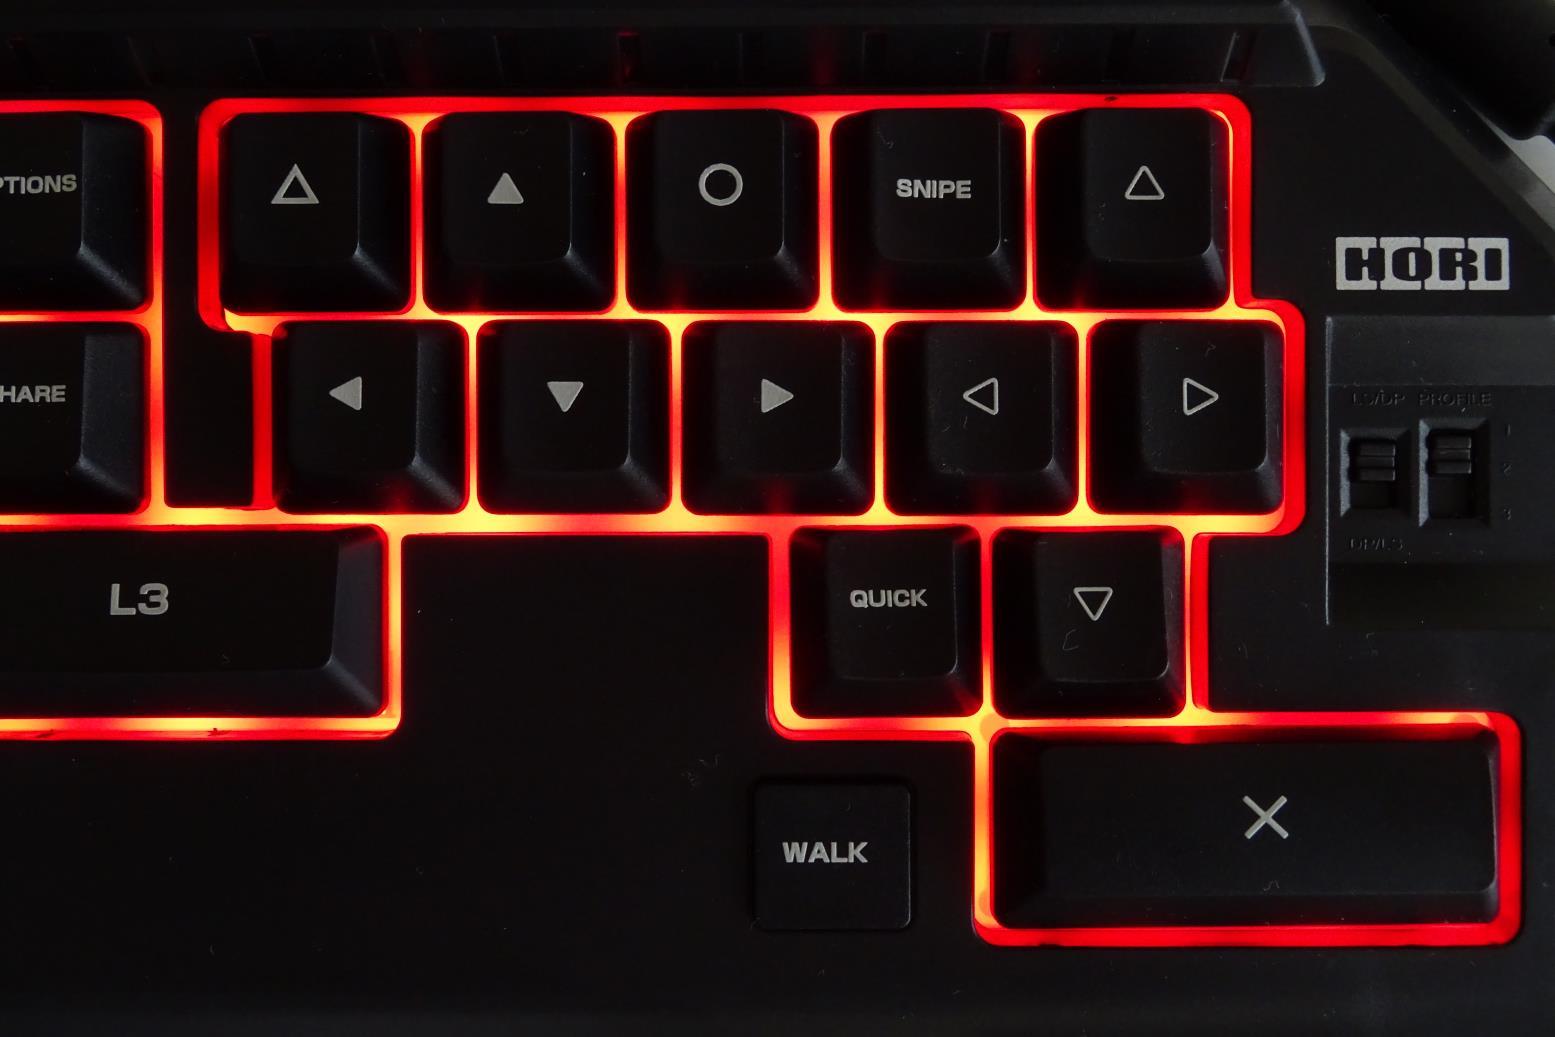 Tactical Assault Commander 4 keypad